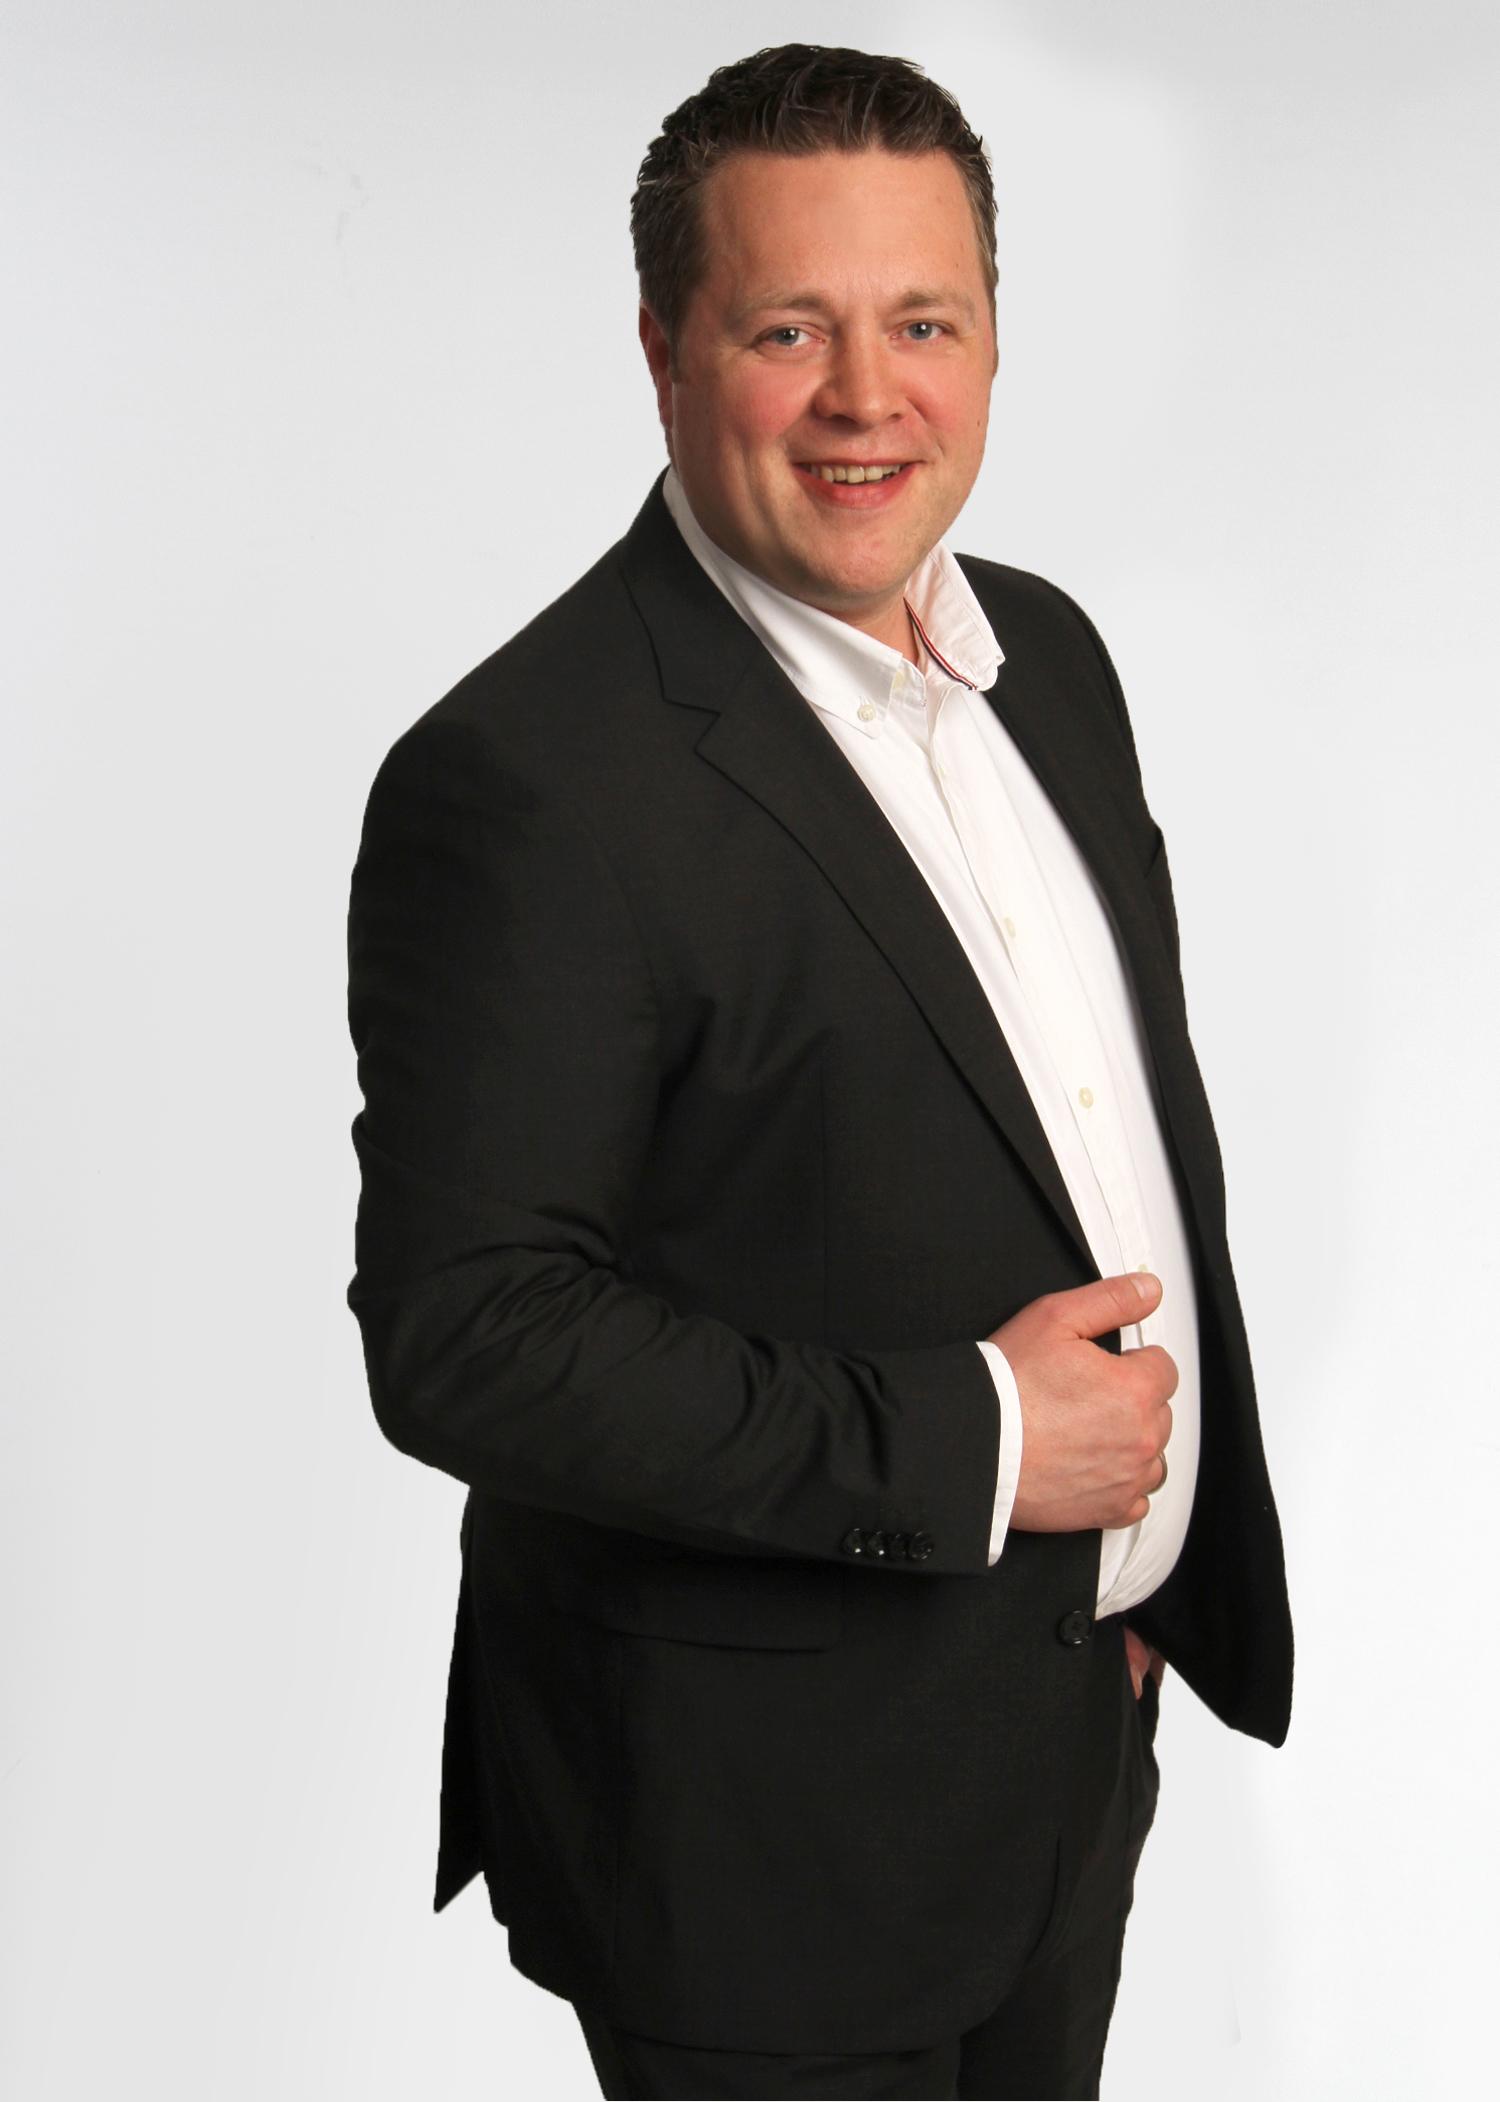 Carsten Kruse - Carsten Kruse